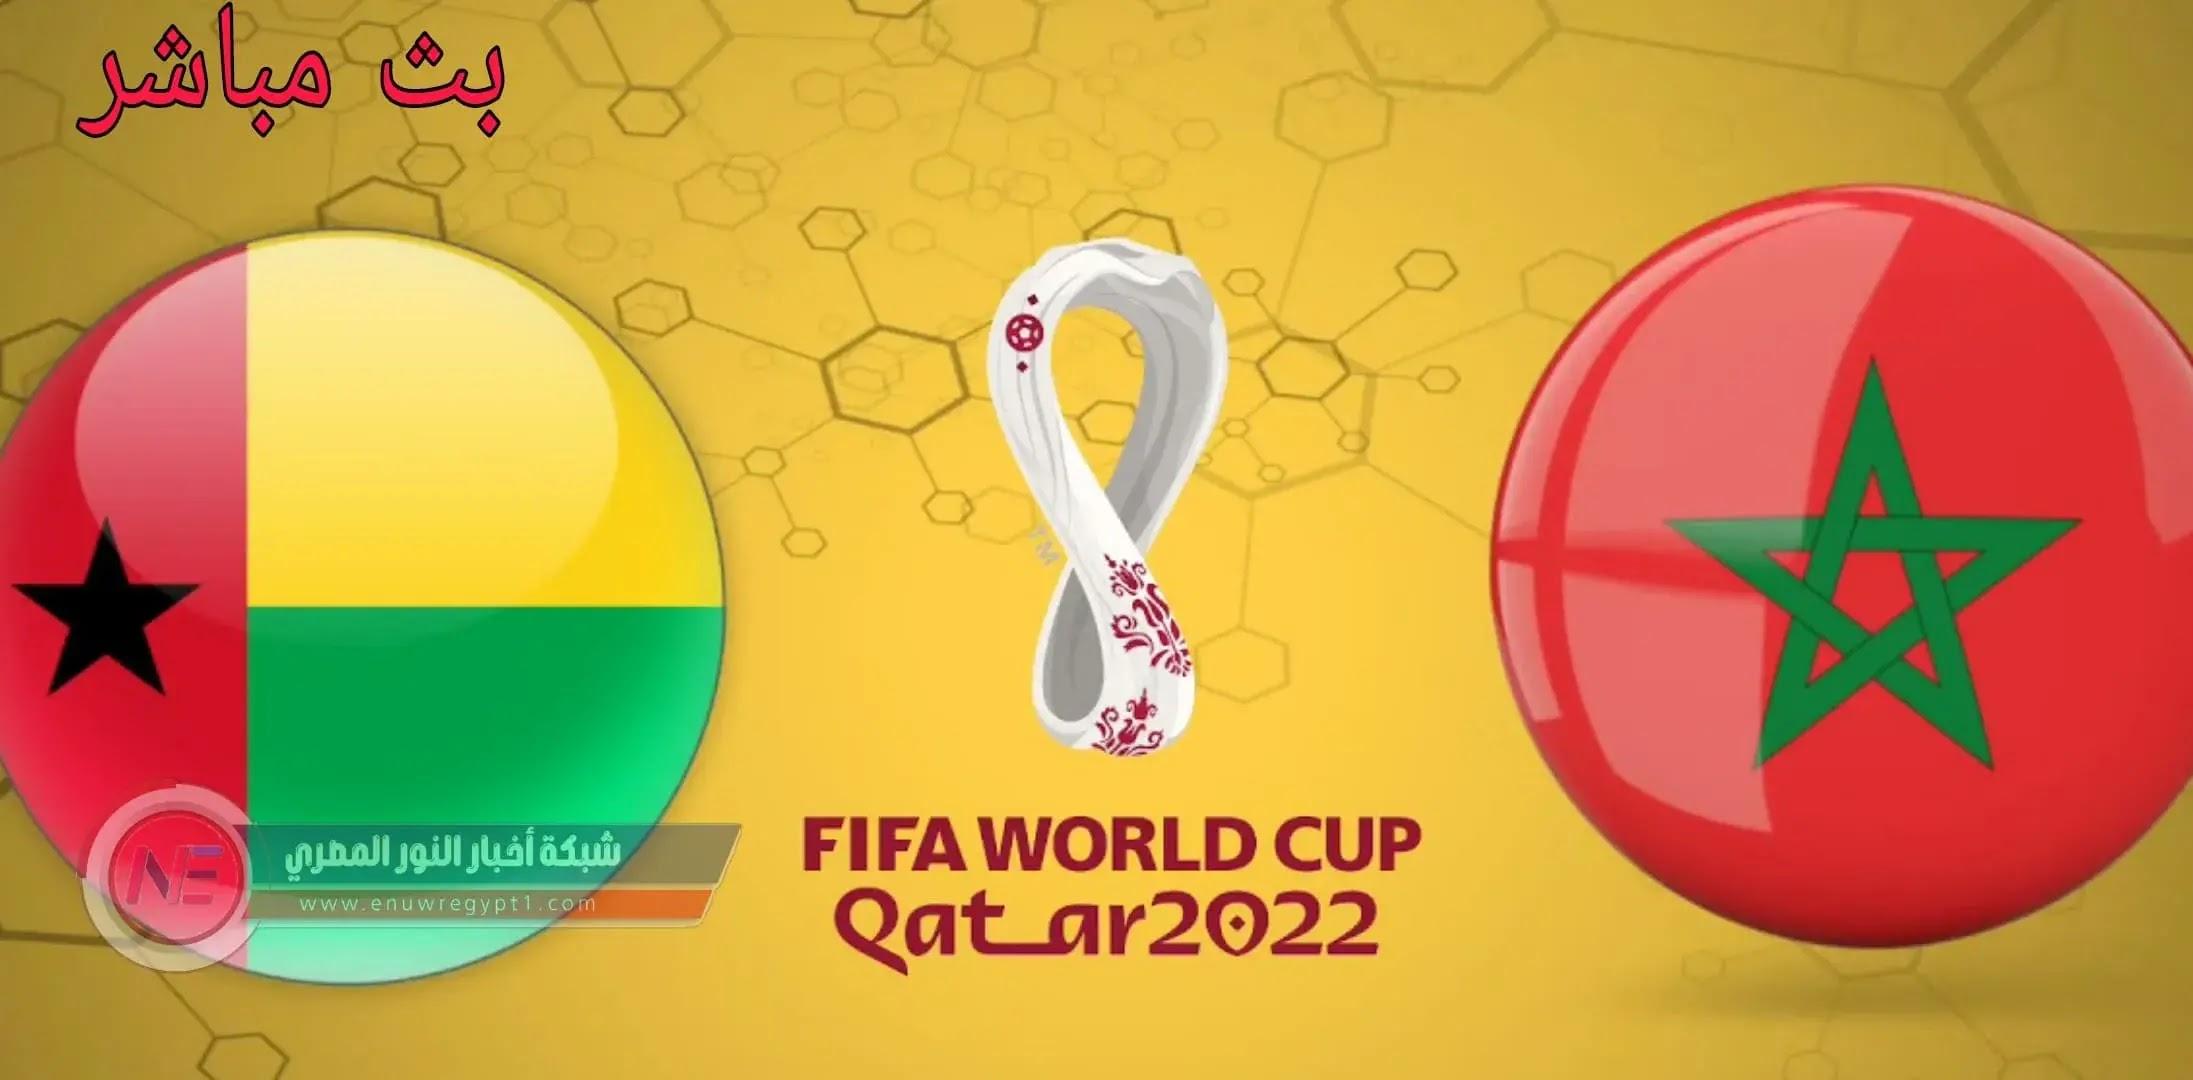 كورة لايف يوتيوب .. مشاهدة مباراة المغرب و غينيا بيساو بث مباشر اليوم 09-10-2021 في تصفيات كأس العالم بجودة عالية بدون تقطيع